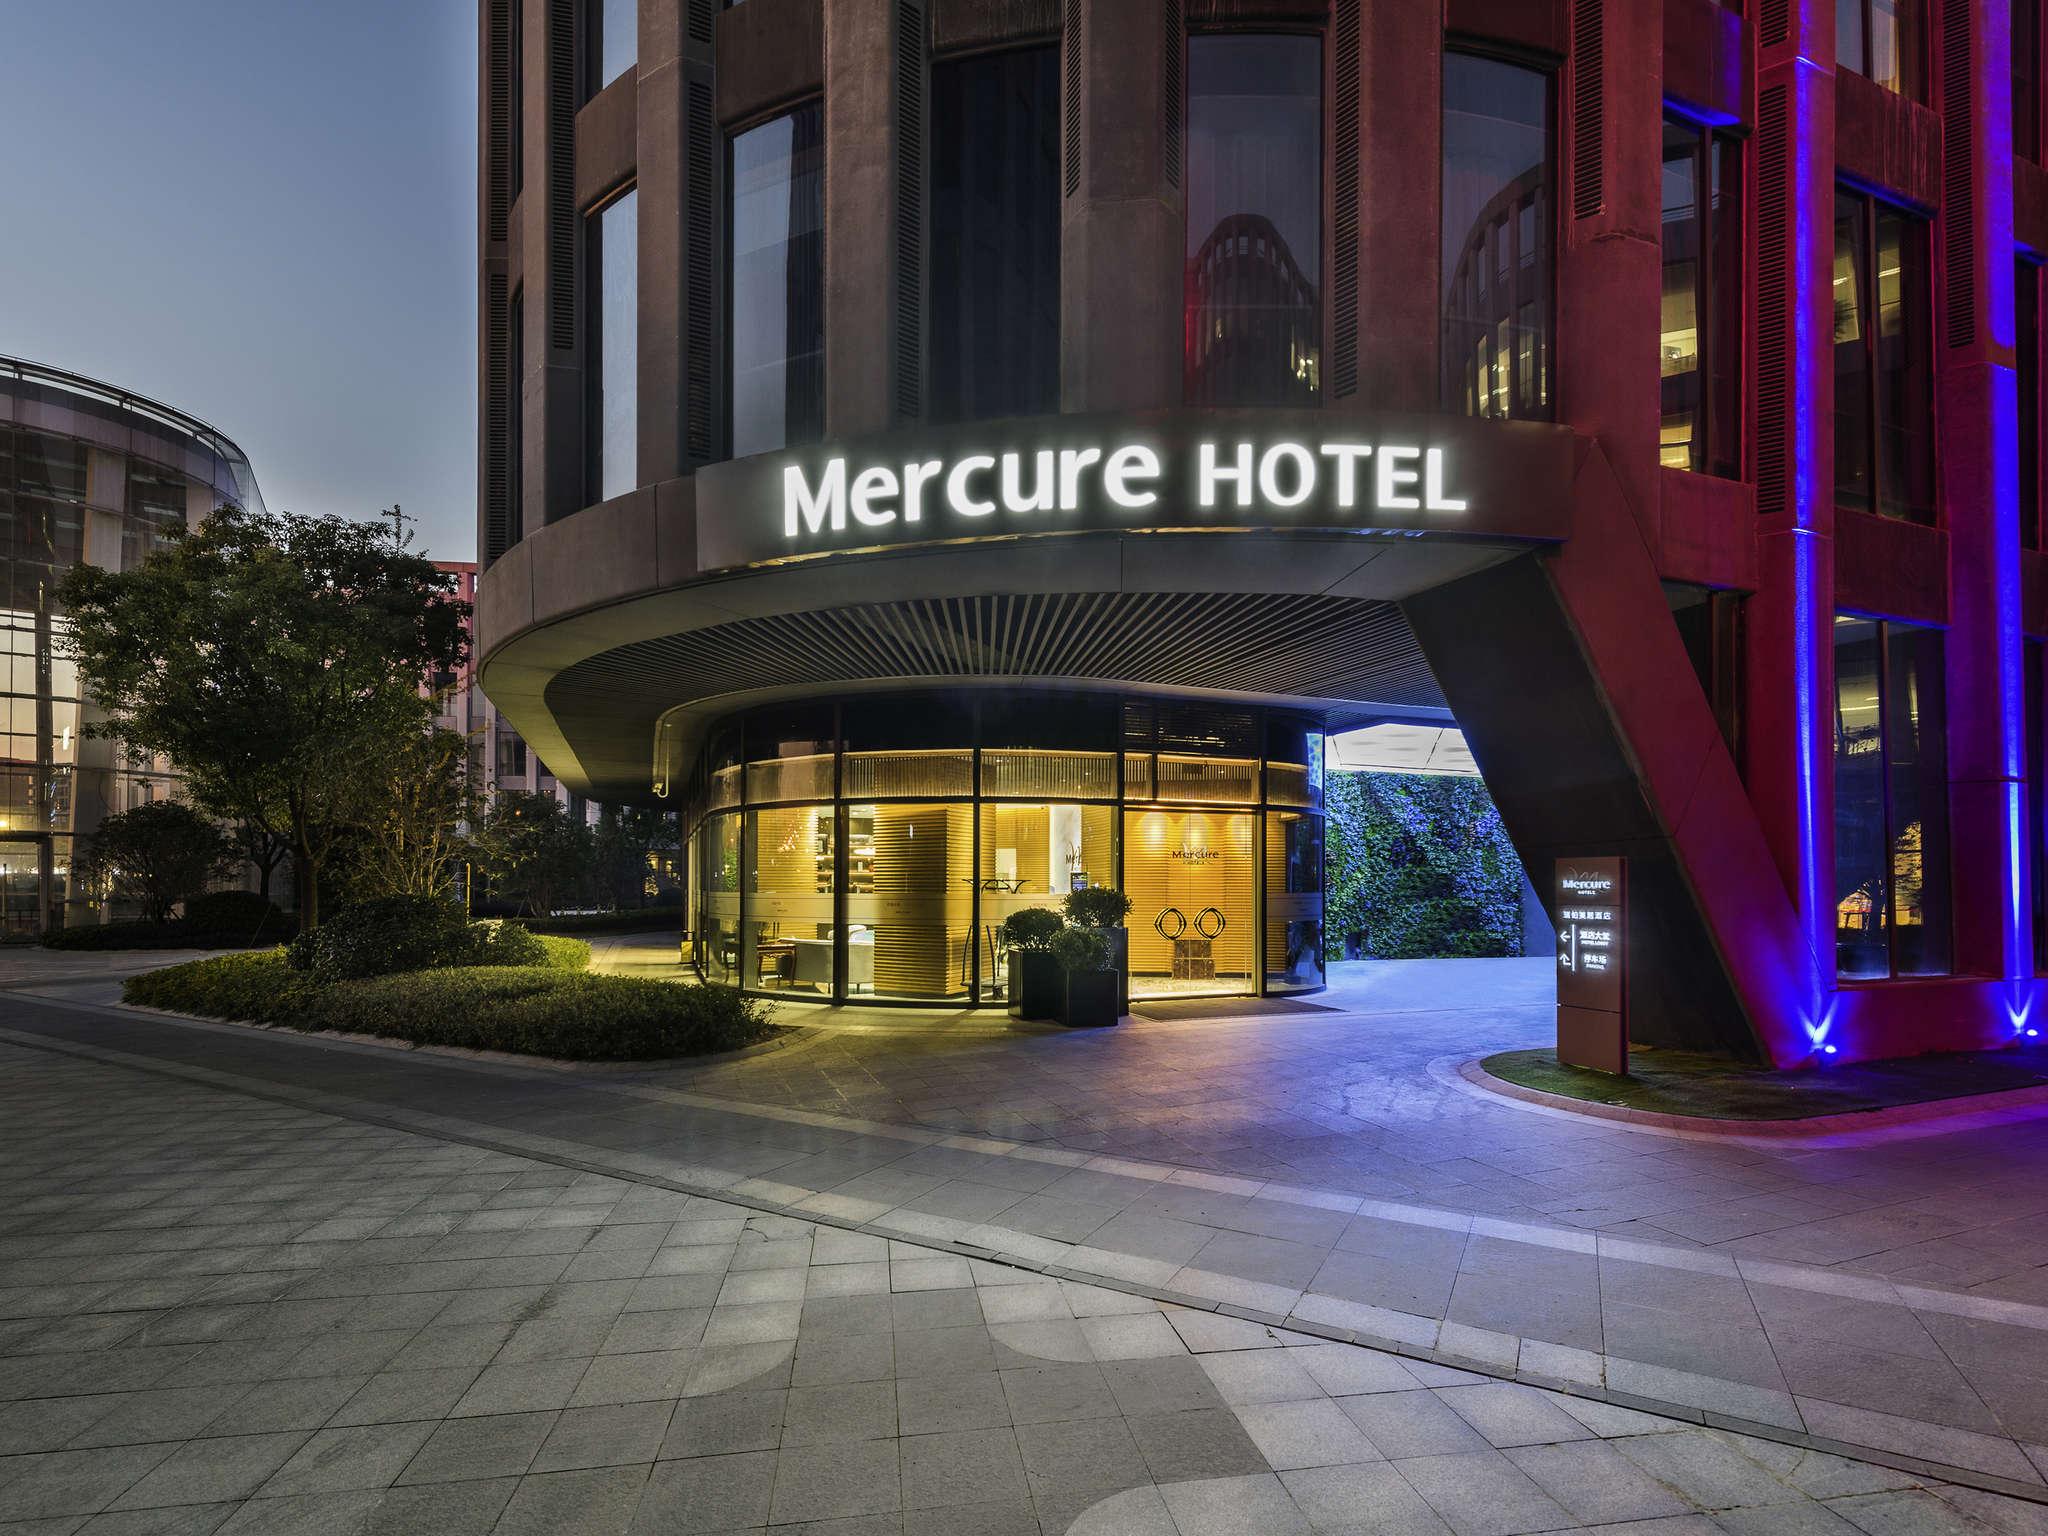 โรงแรม – เมอร์เคียว เซี่ยงไฮ้ หงเฉียว เรลเวย์ สเตชัน